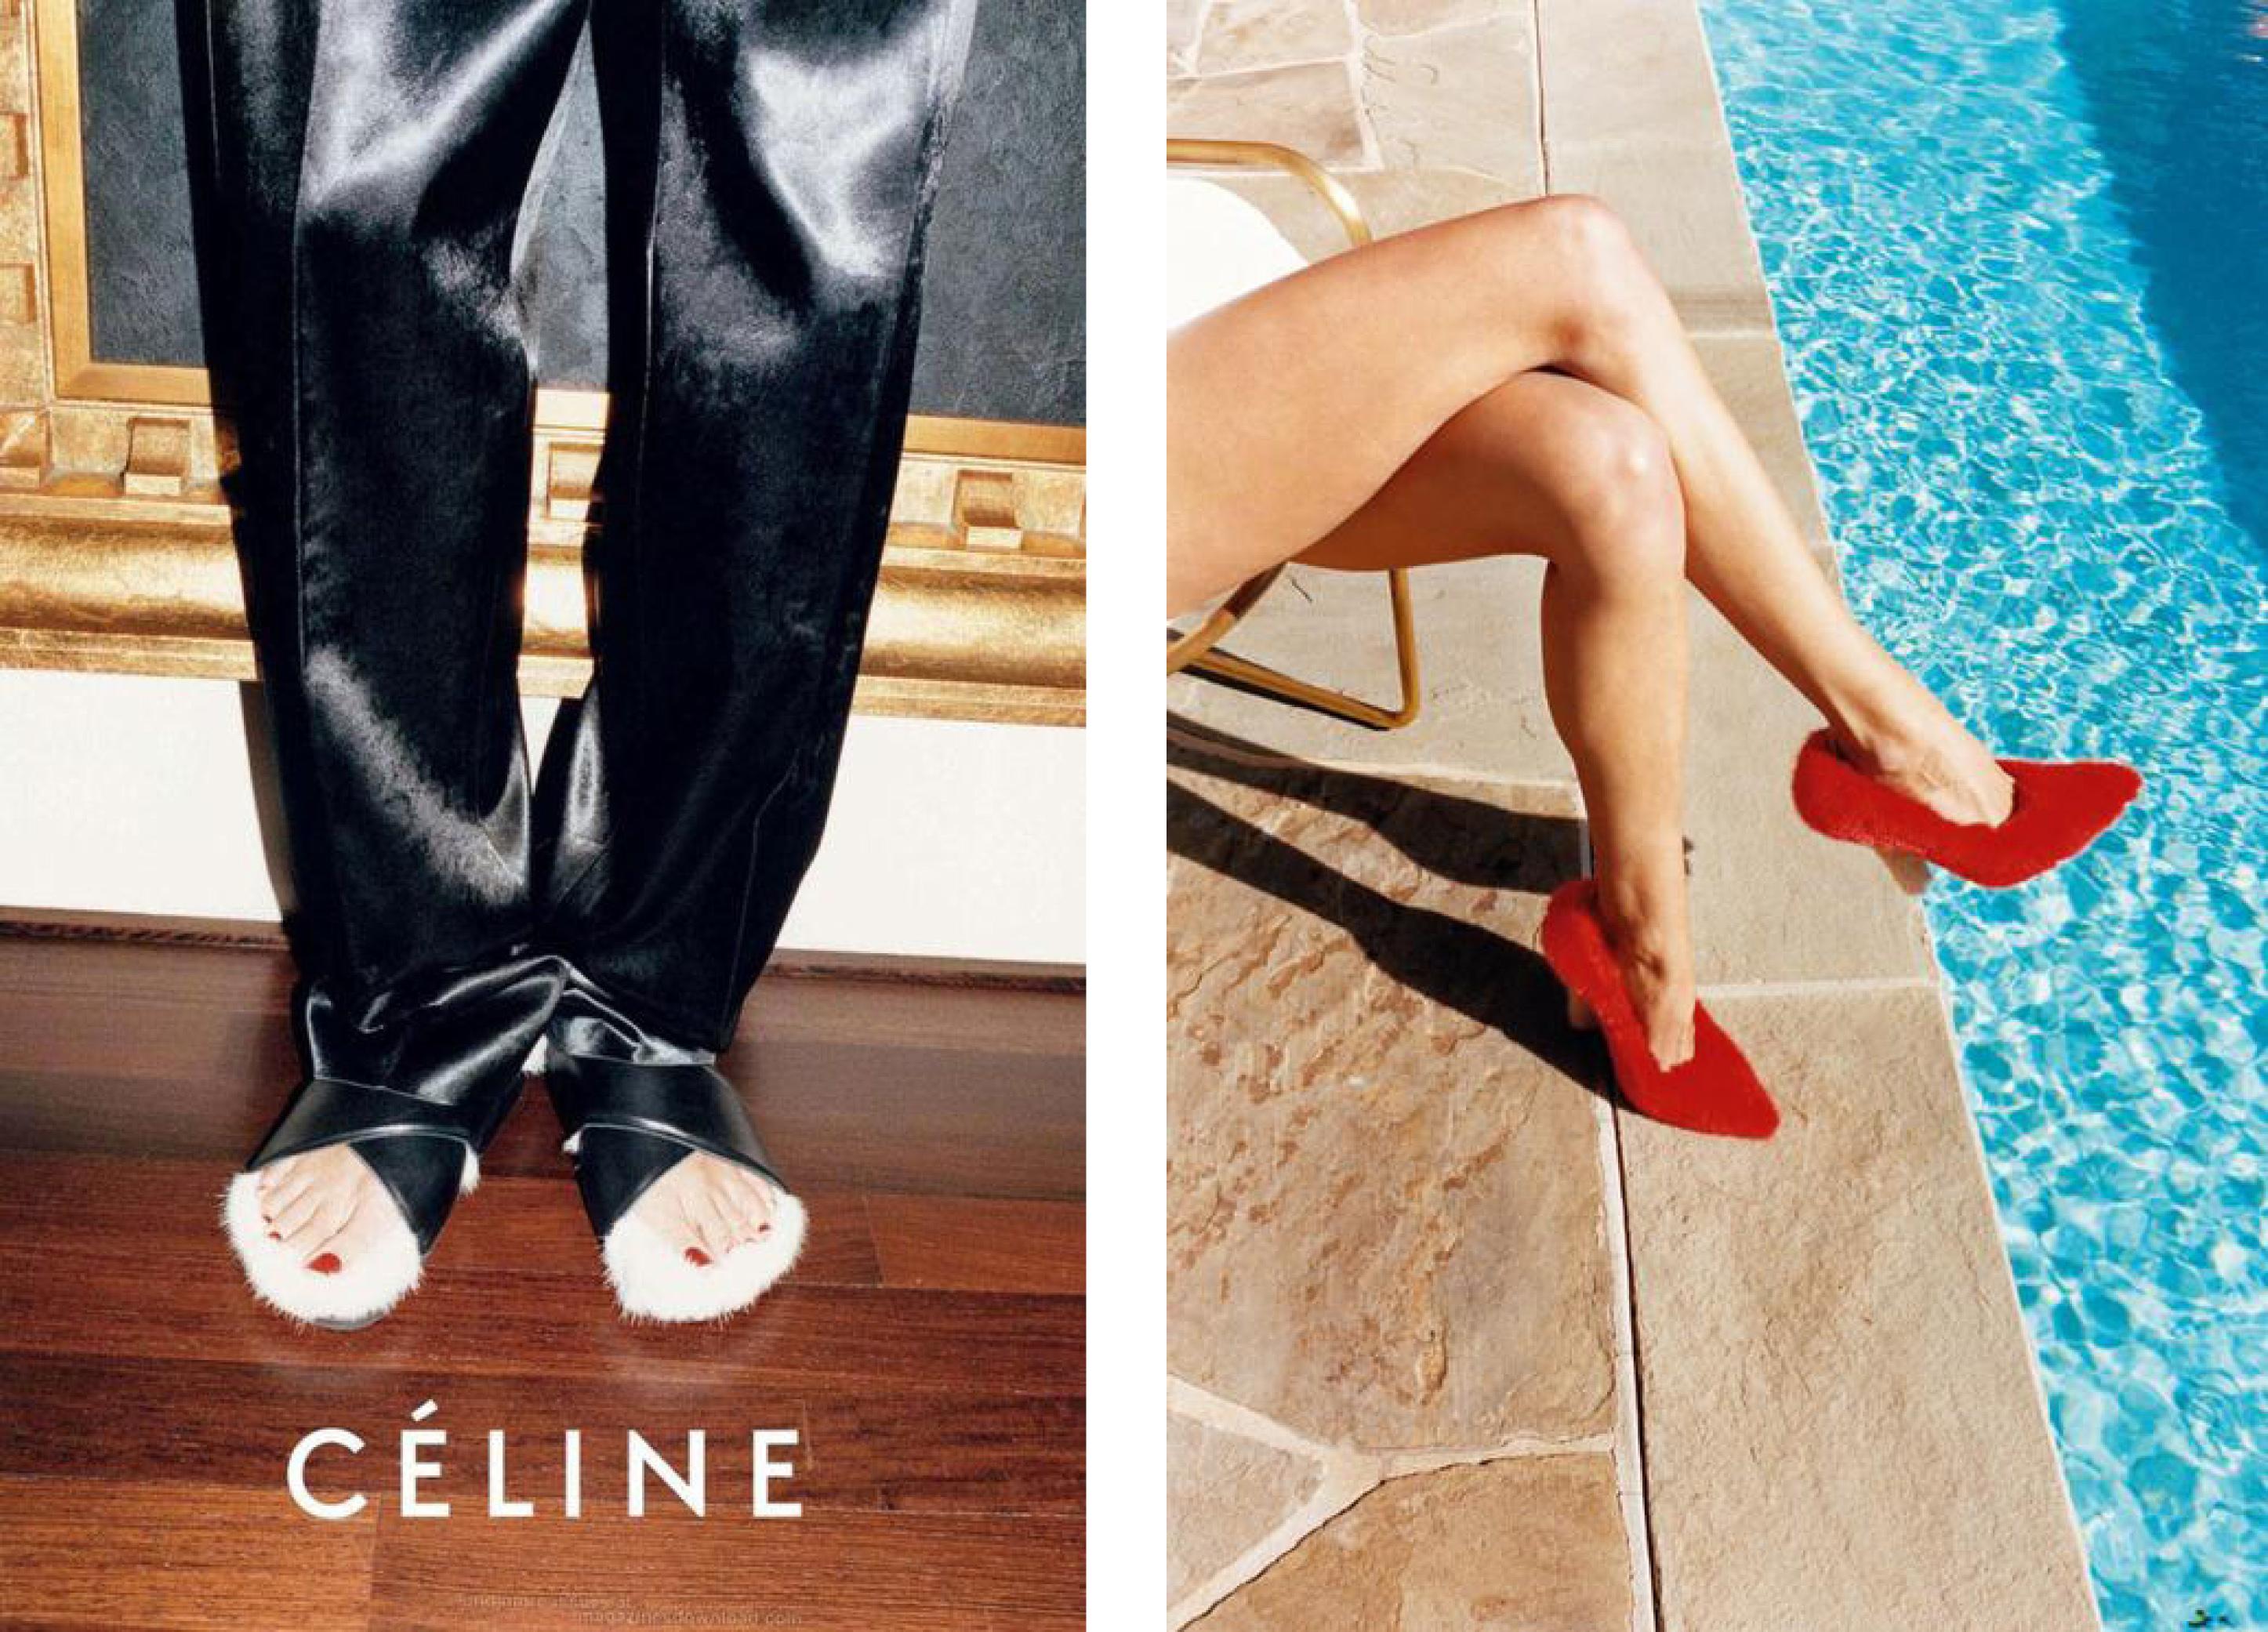 Céline S:S 2013